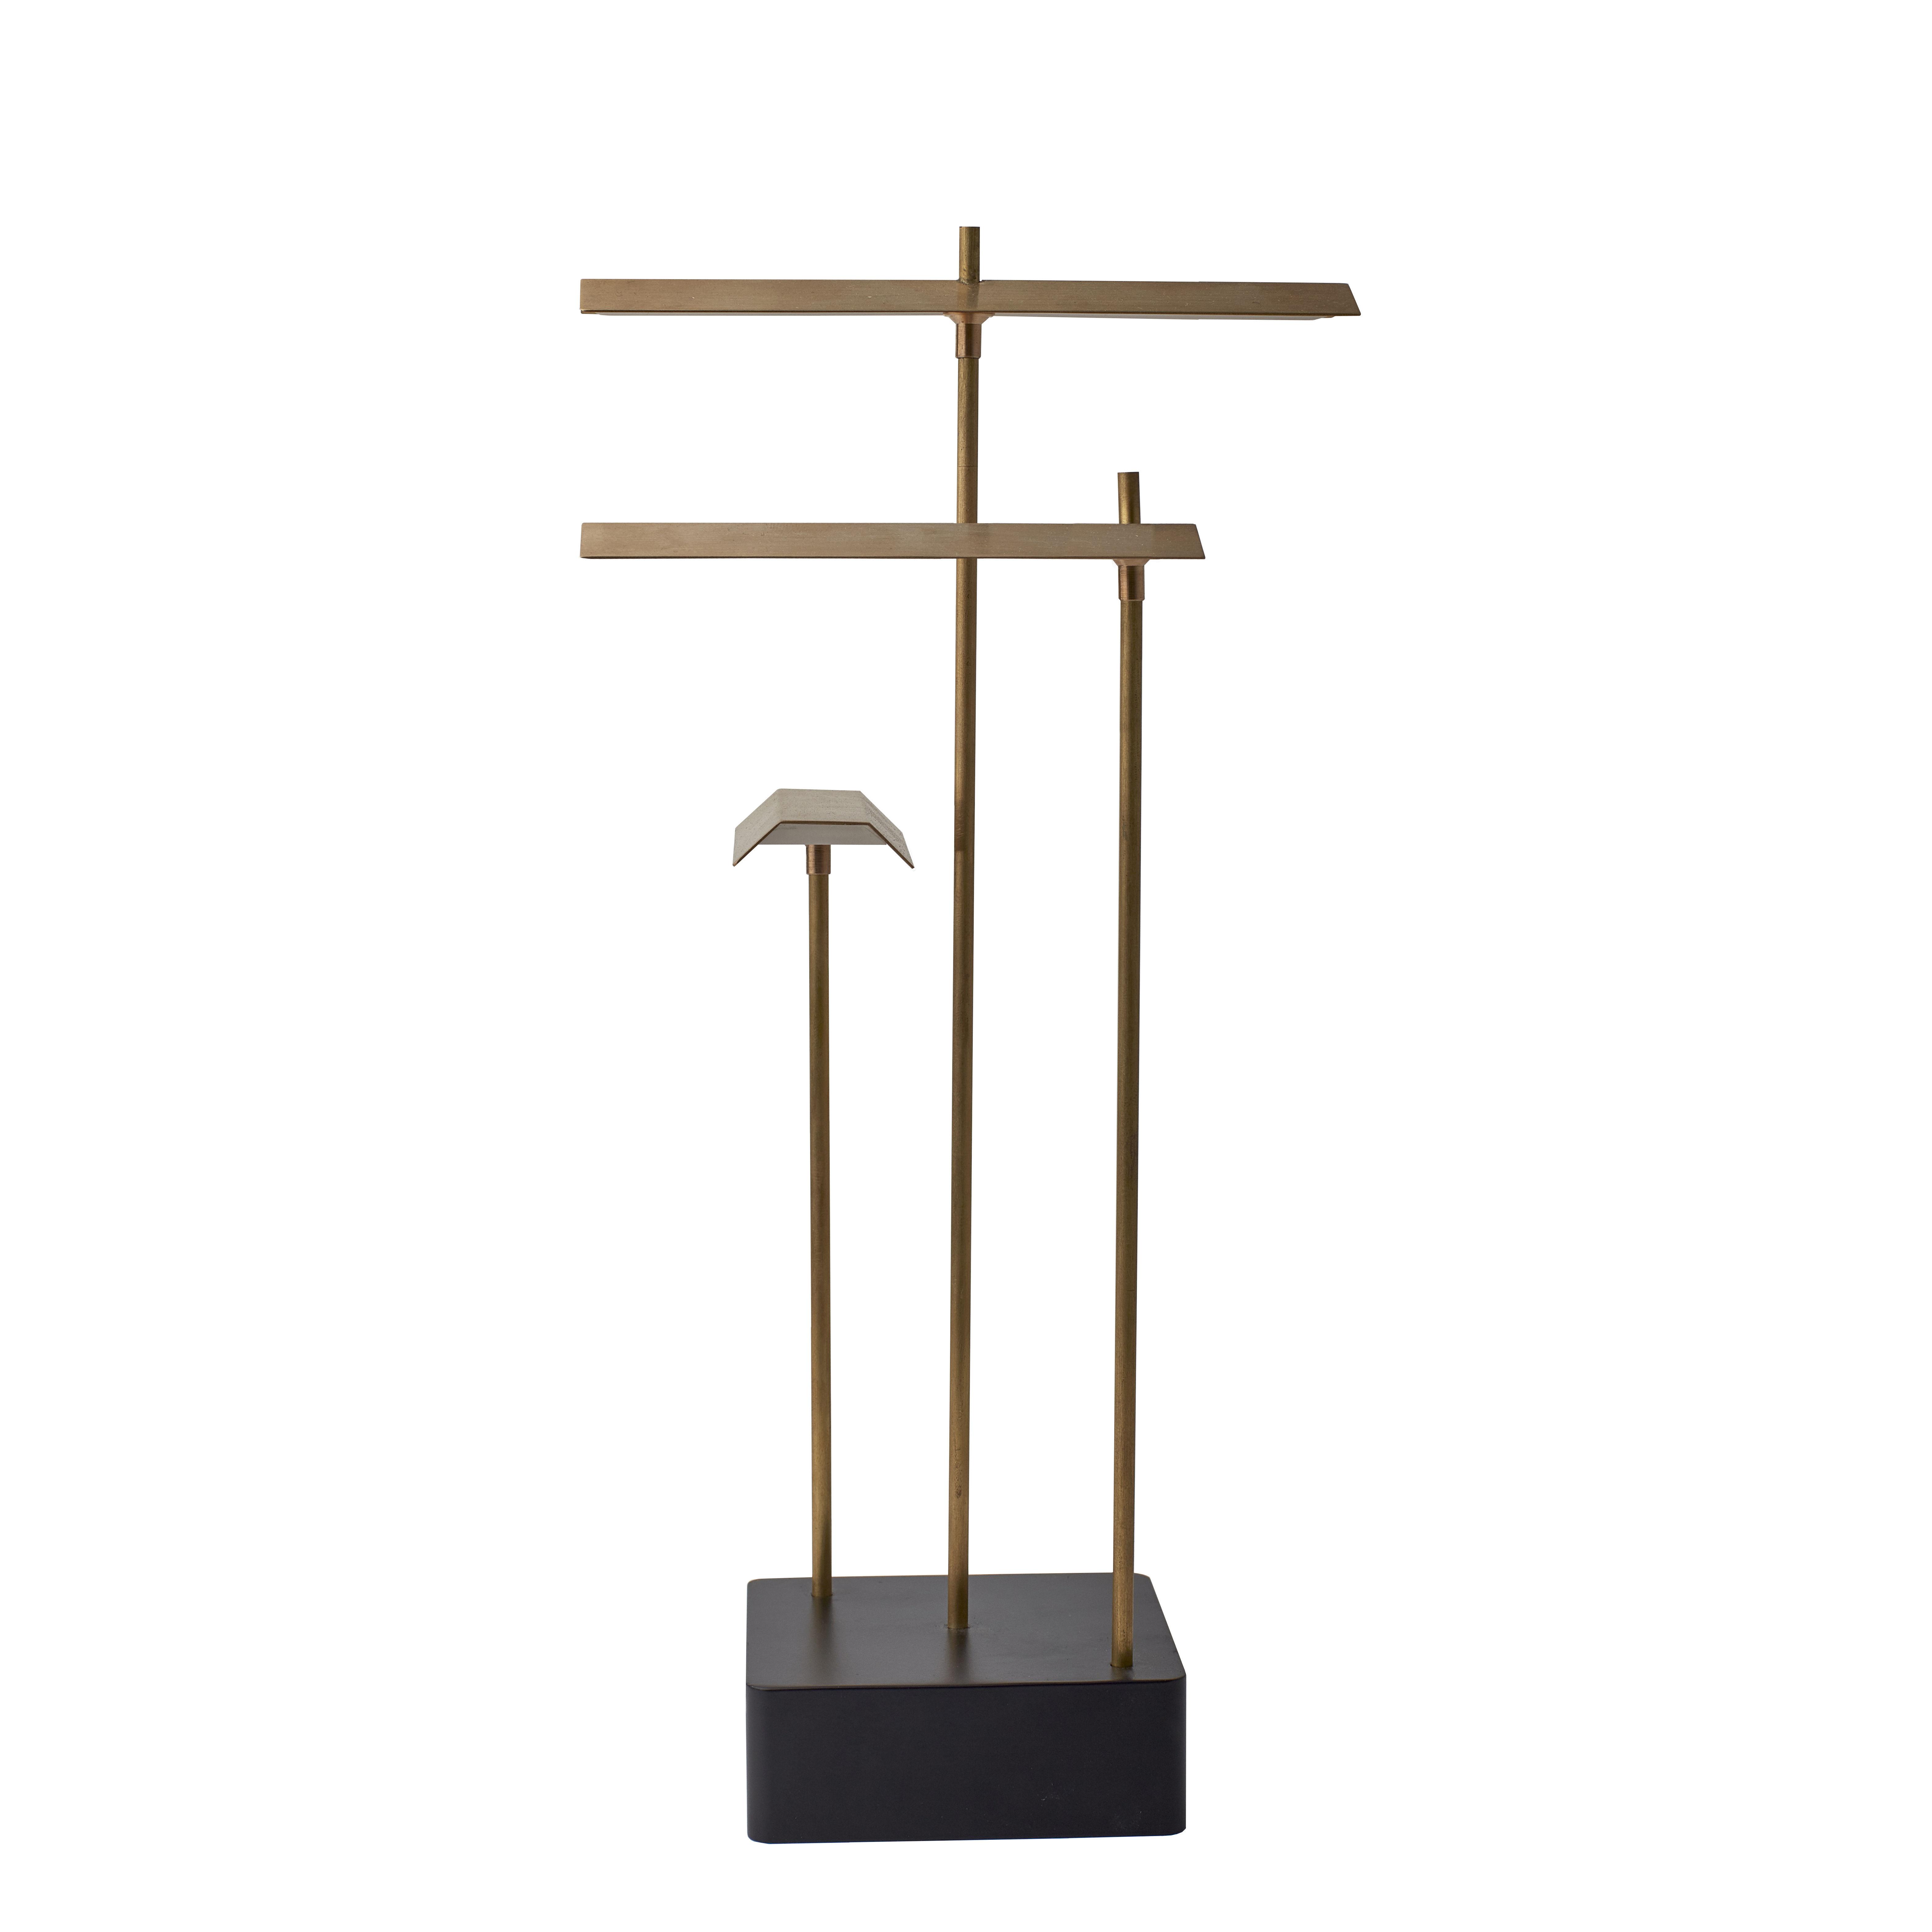 Illuminazione - Lampade da tavolo - Lampada senza fili Knokke LED - / H 35 cm - Ricarica USB di DCW éditions - Ottone - Acciaio, Ottone naturale spazzolato